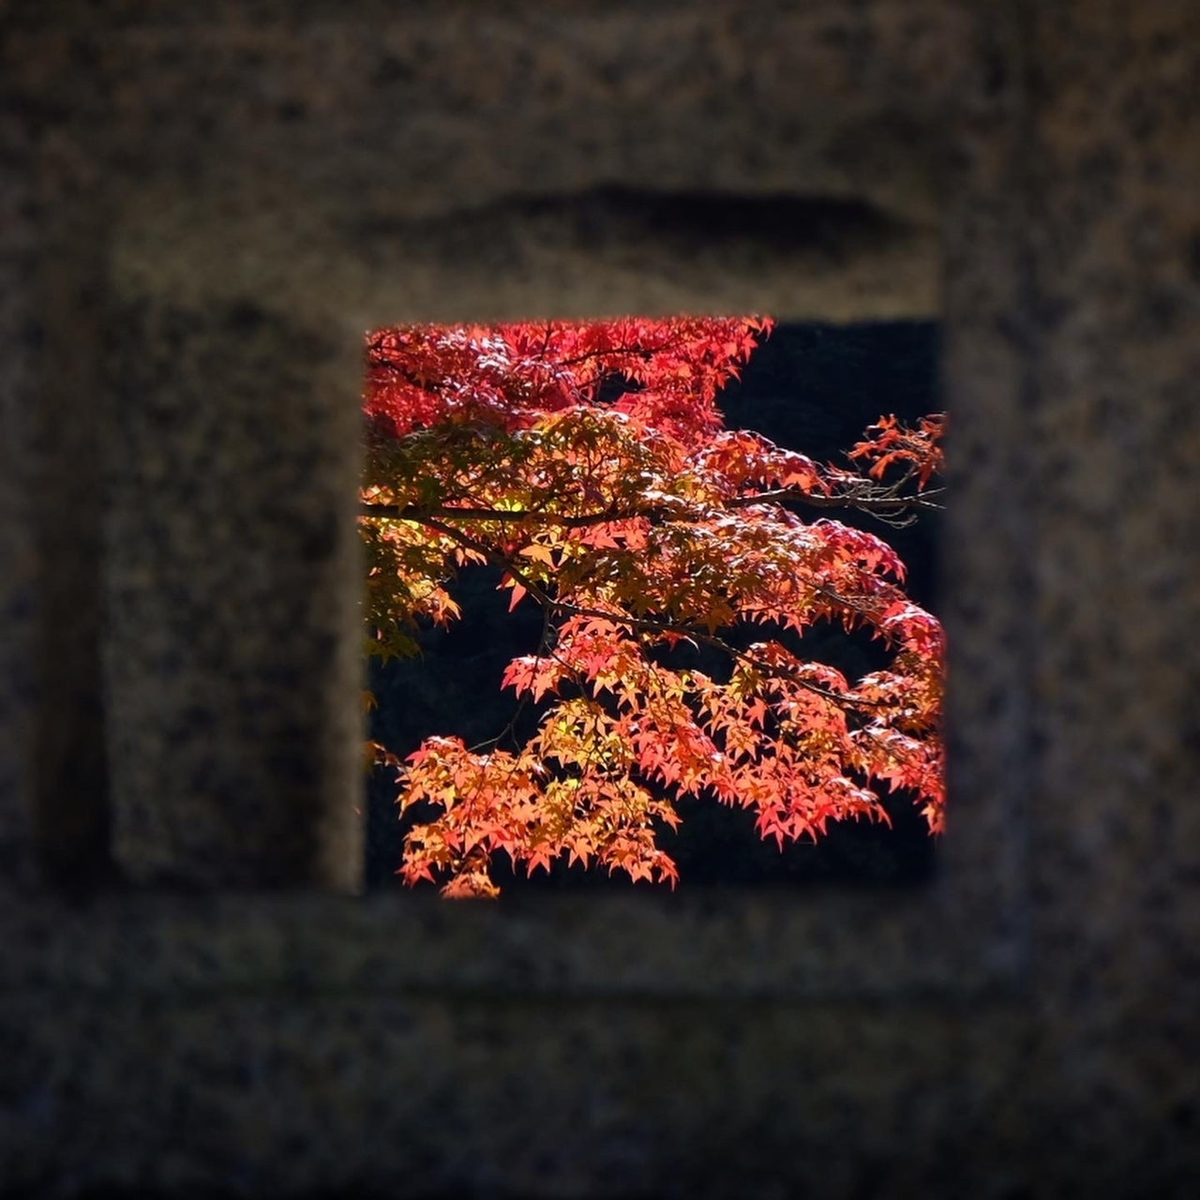 善峯寺の紅葉 見頃近し 2020年11月9日 撮影:MKタクシー